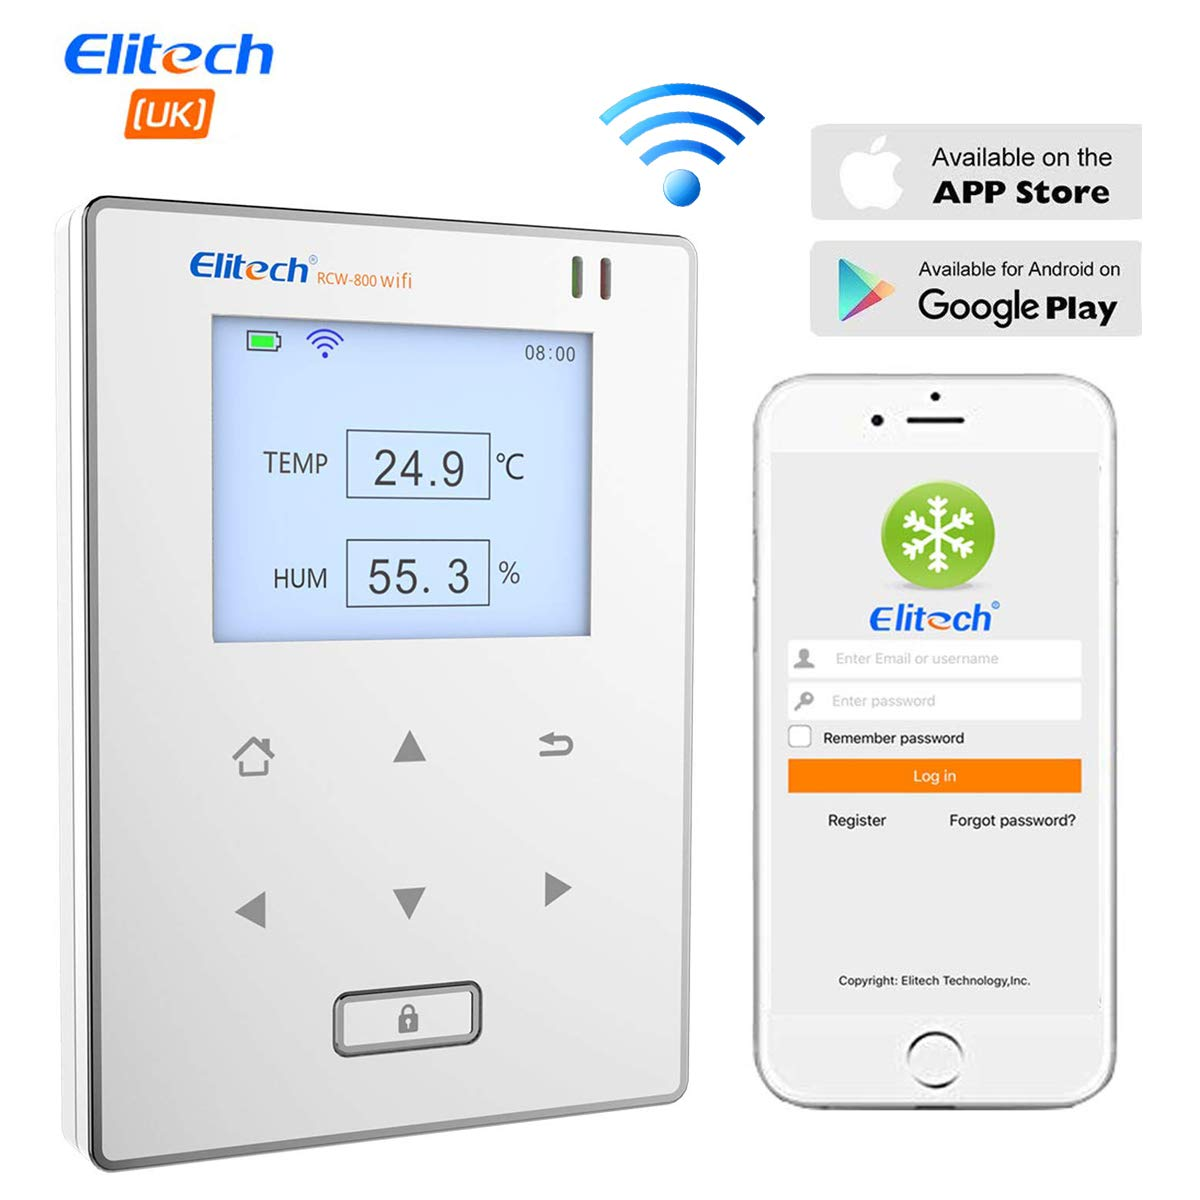 Elitech RCW-800 WIFI Registrador de Datos de Humedad y Temperatura, Termometro Higrómetro Sensor Inteligente, Monitor de Datos Remoto, Alertas de APP, para Laboratorio, Bodega, Garantía de 12 meses